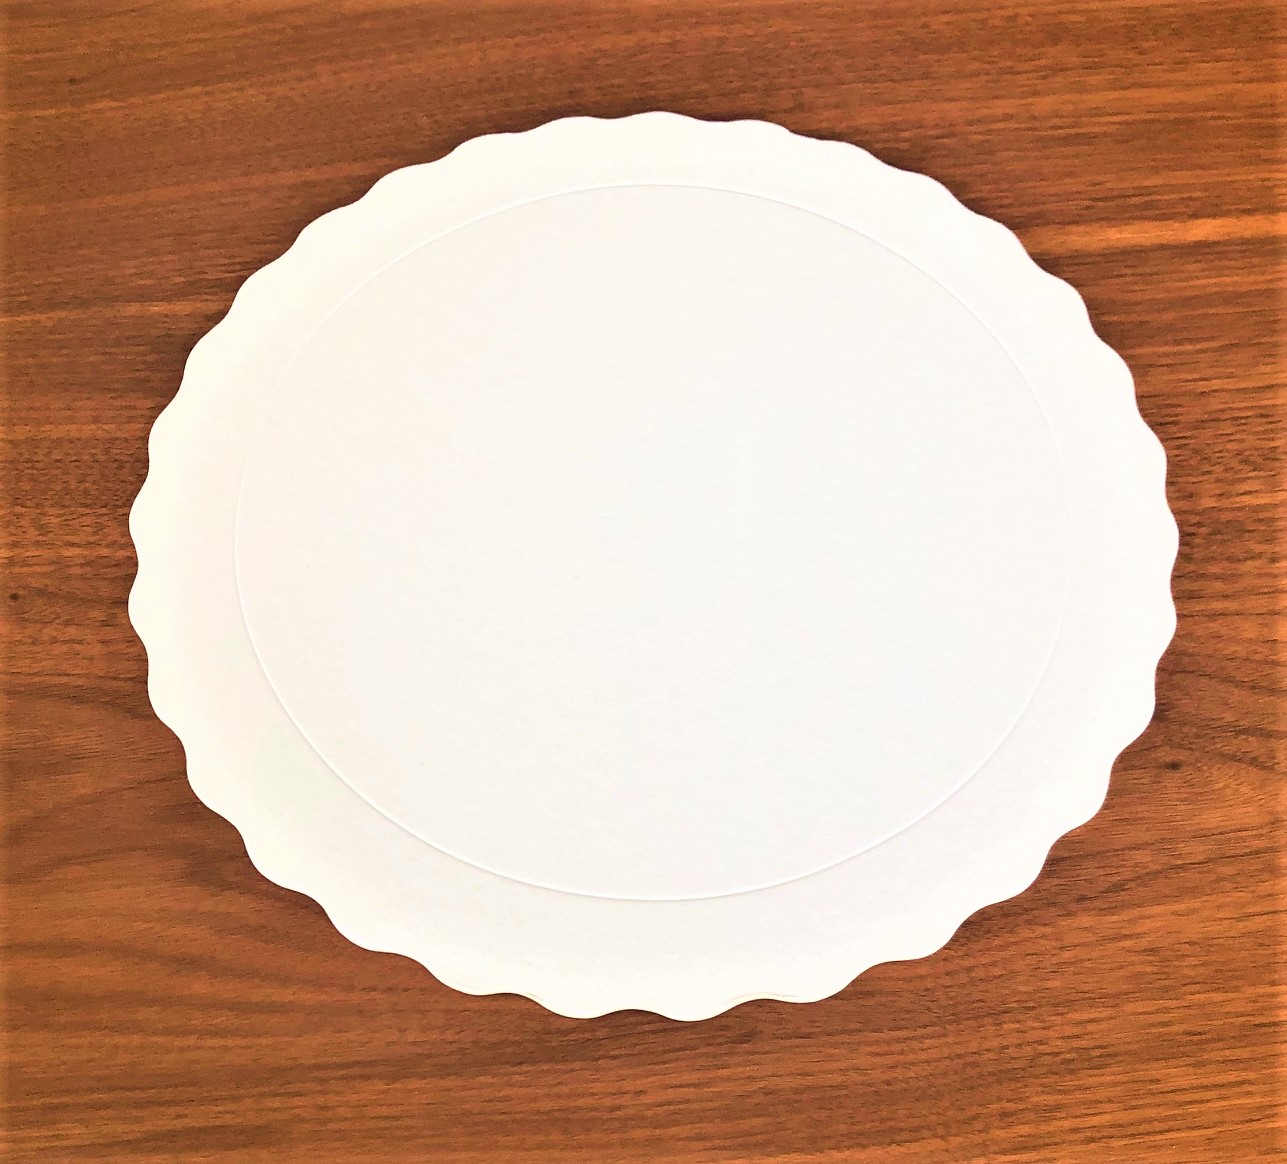 50 Bases Laminadas Para Bolo Redondo, Cake Board 20cm - Branco